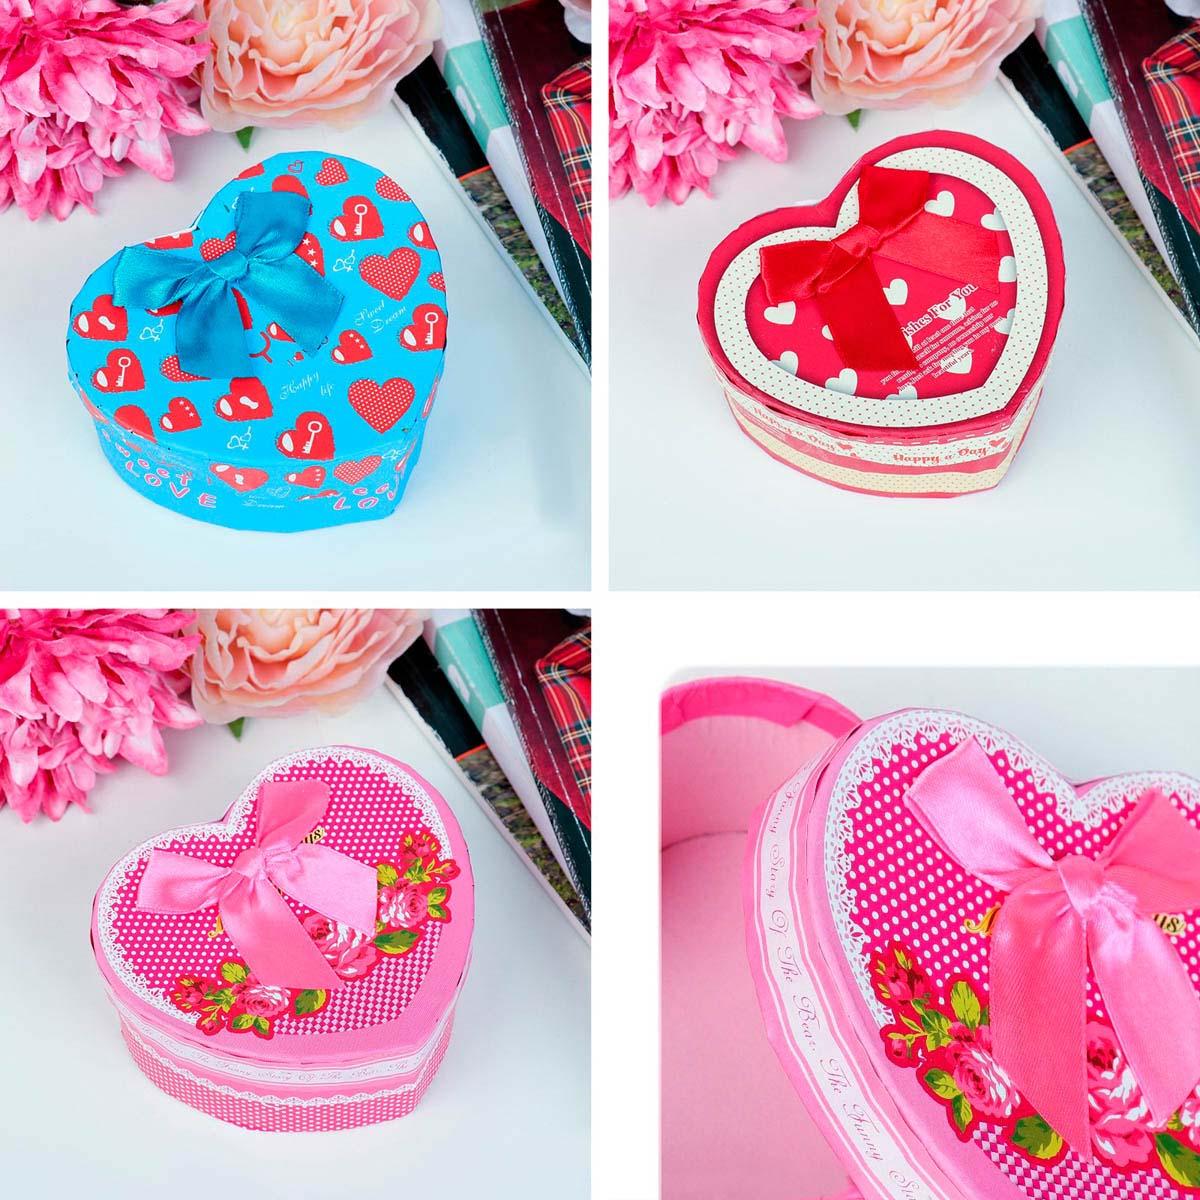 3831165 Коробка подарочная сердце 10 х 11 х 5,5 см МИКС